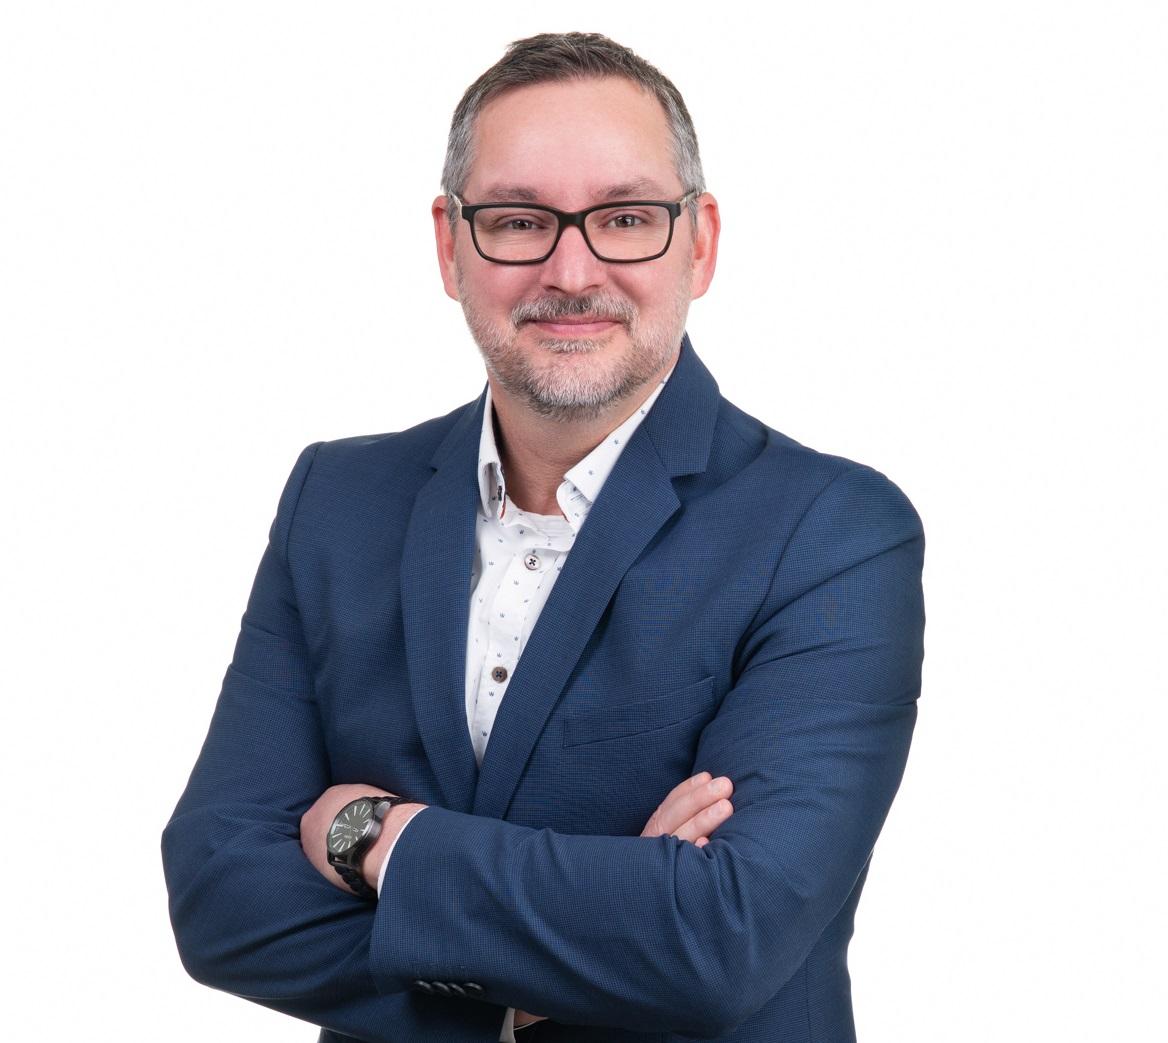 Marc St-Germain, nouveau directeur des RH à la Ville